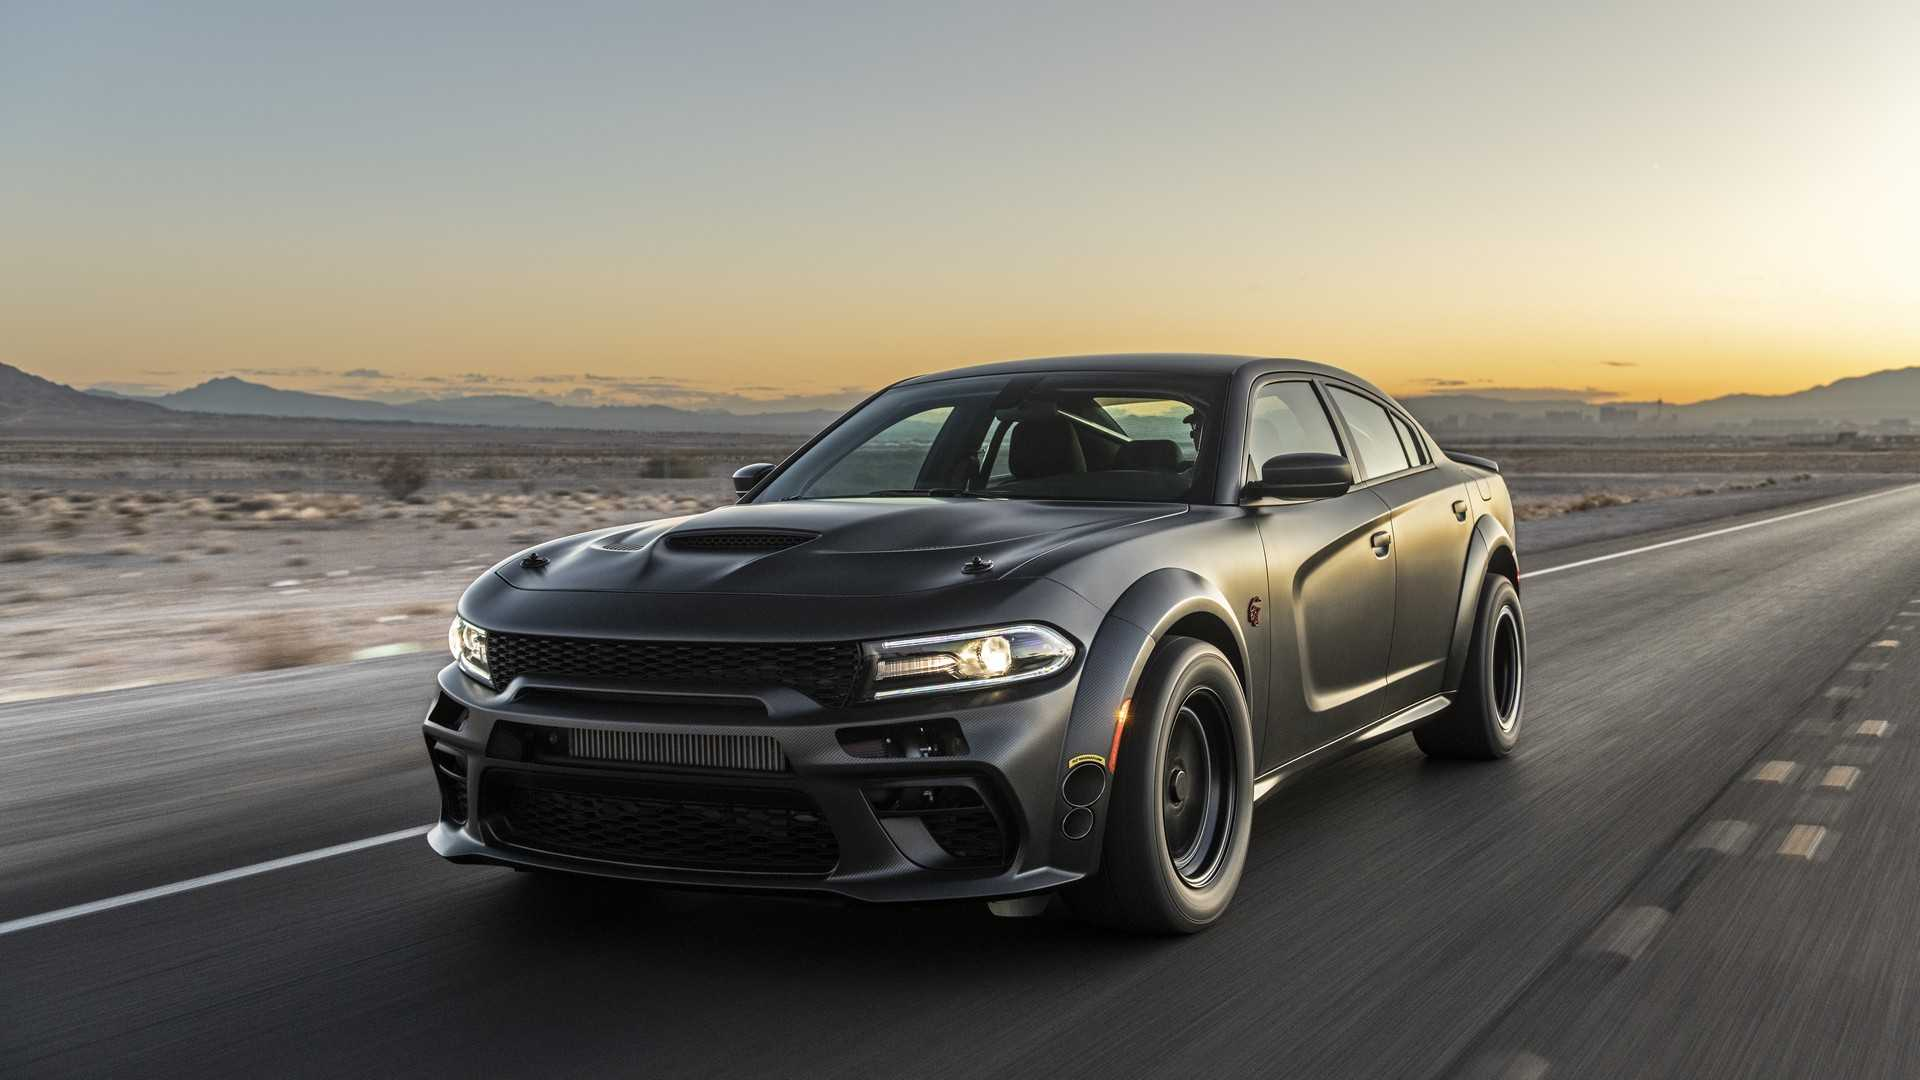 Dodge Charger độ thân rộng hầm hố và động cơ mạnh 1.525 mã lực